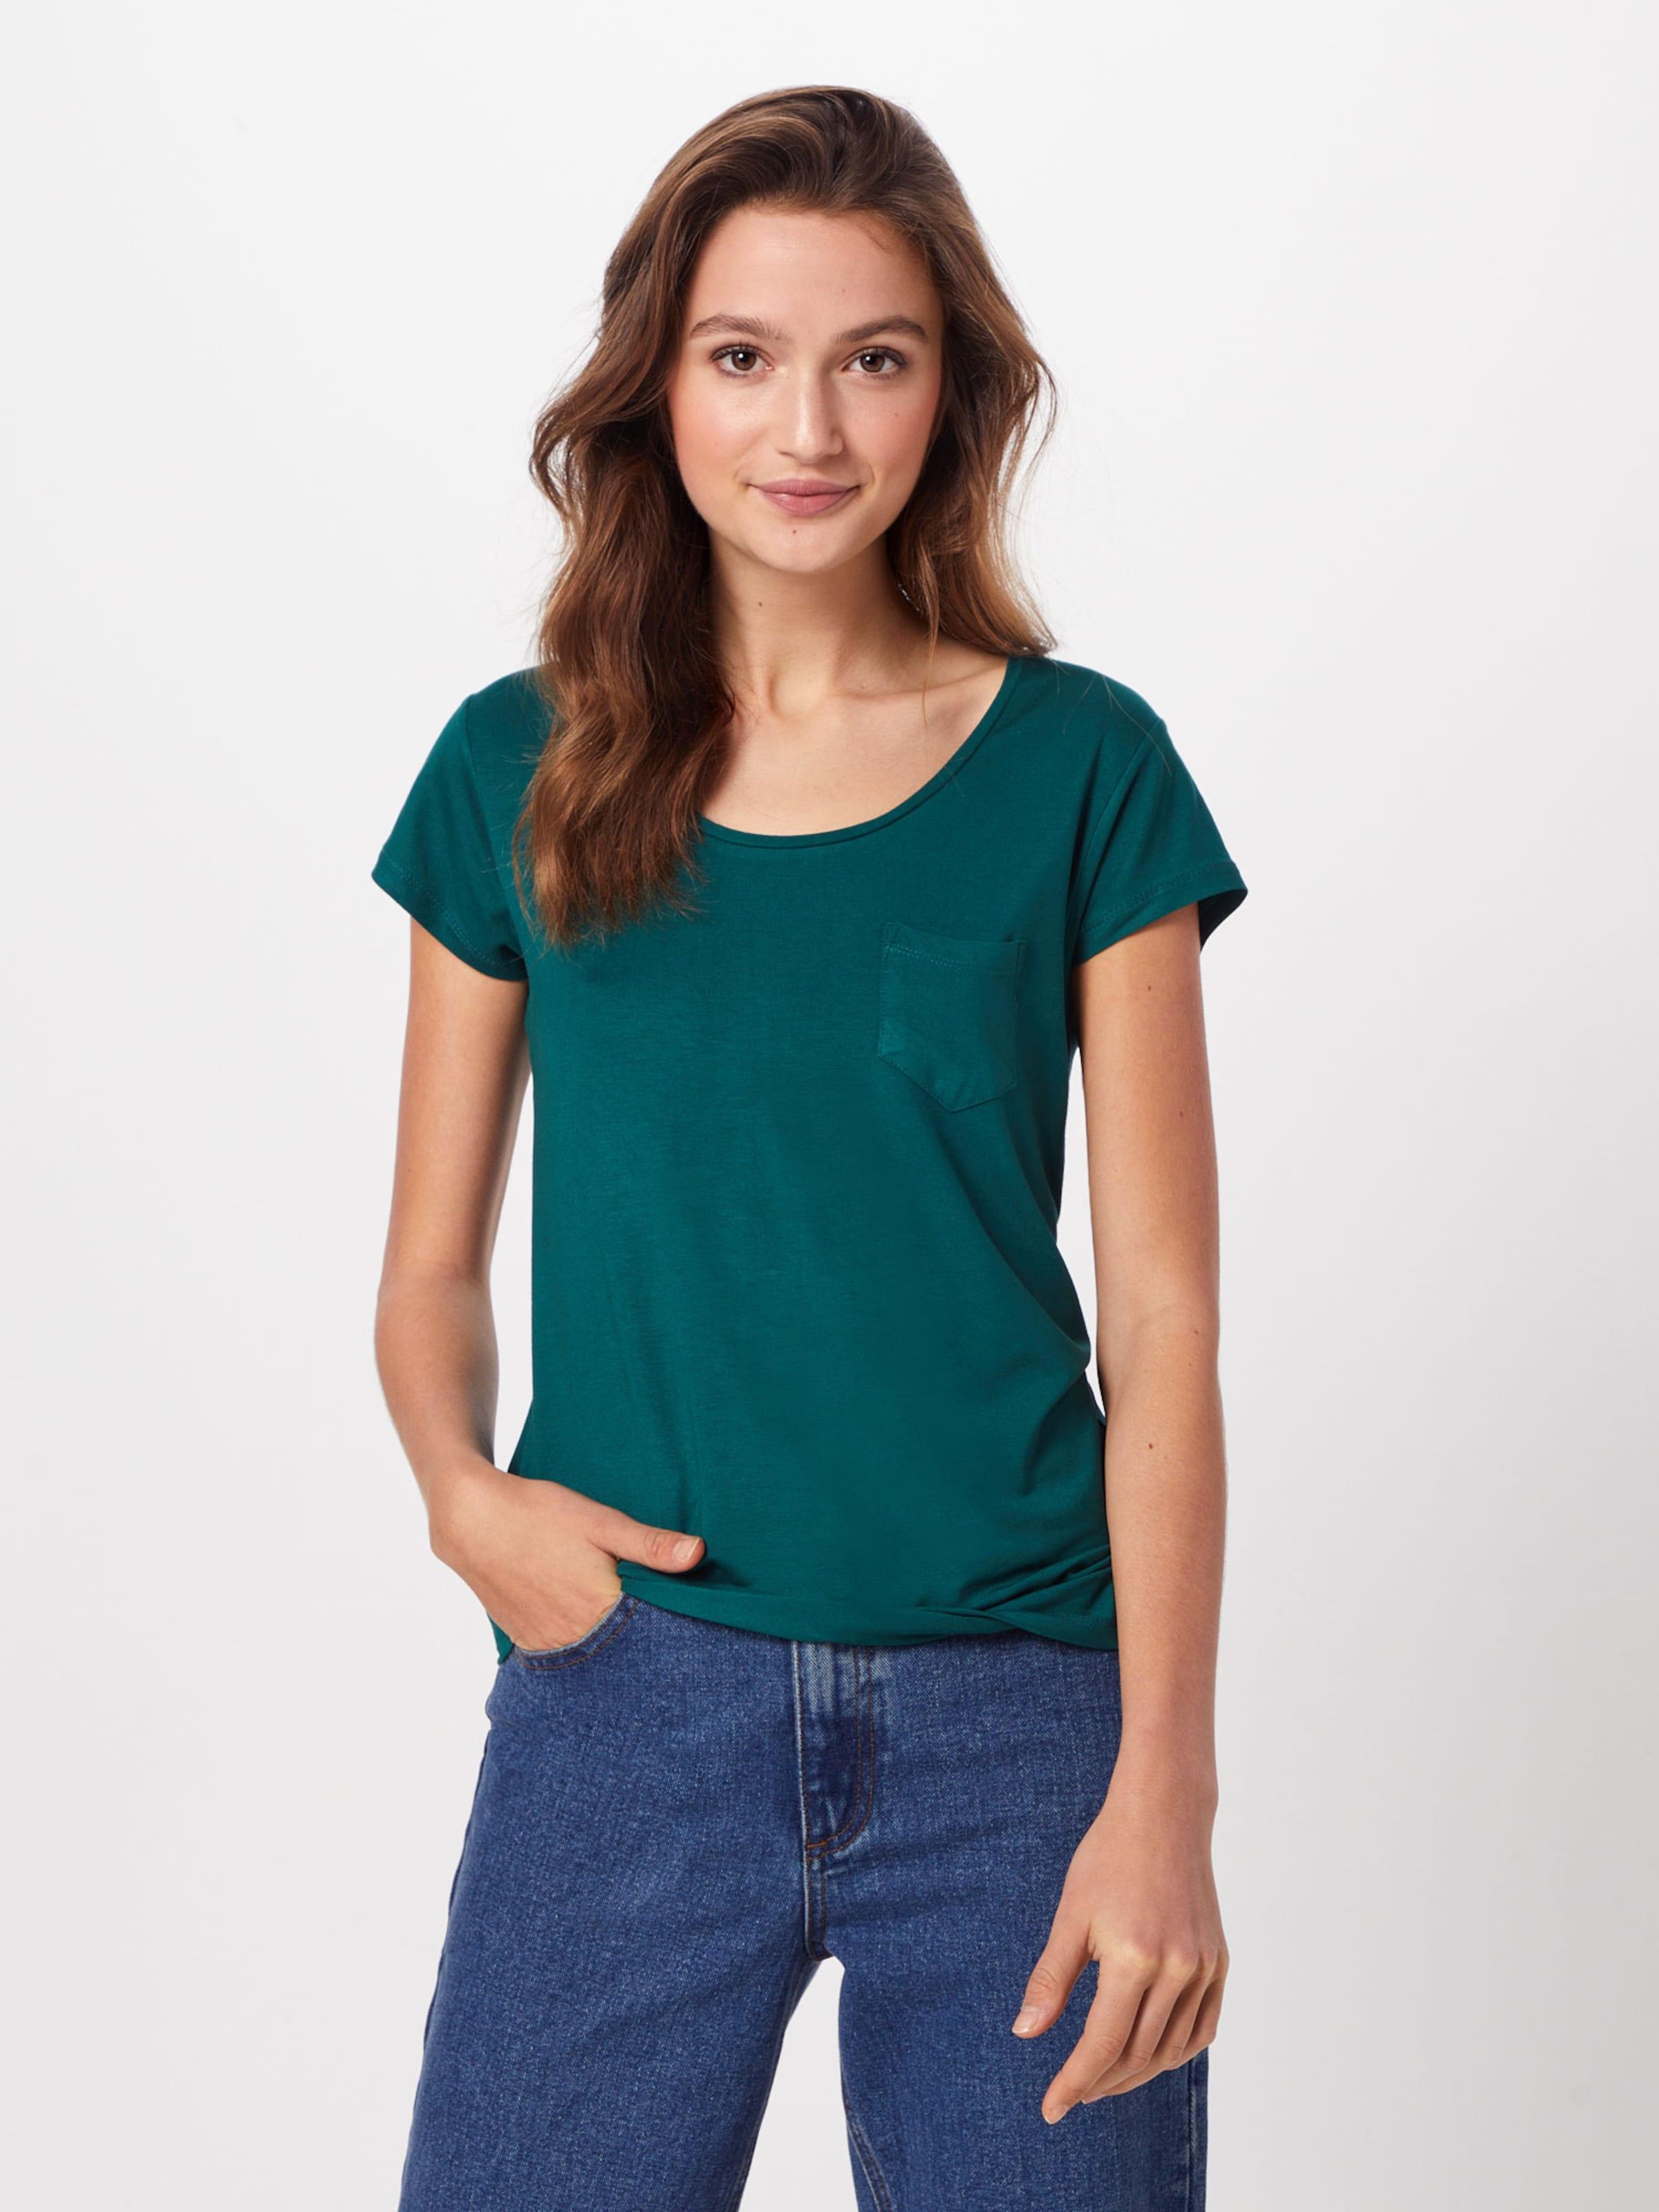 T Jade You En 'darina' About shirt 1cJu3KFTl